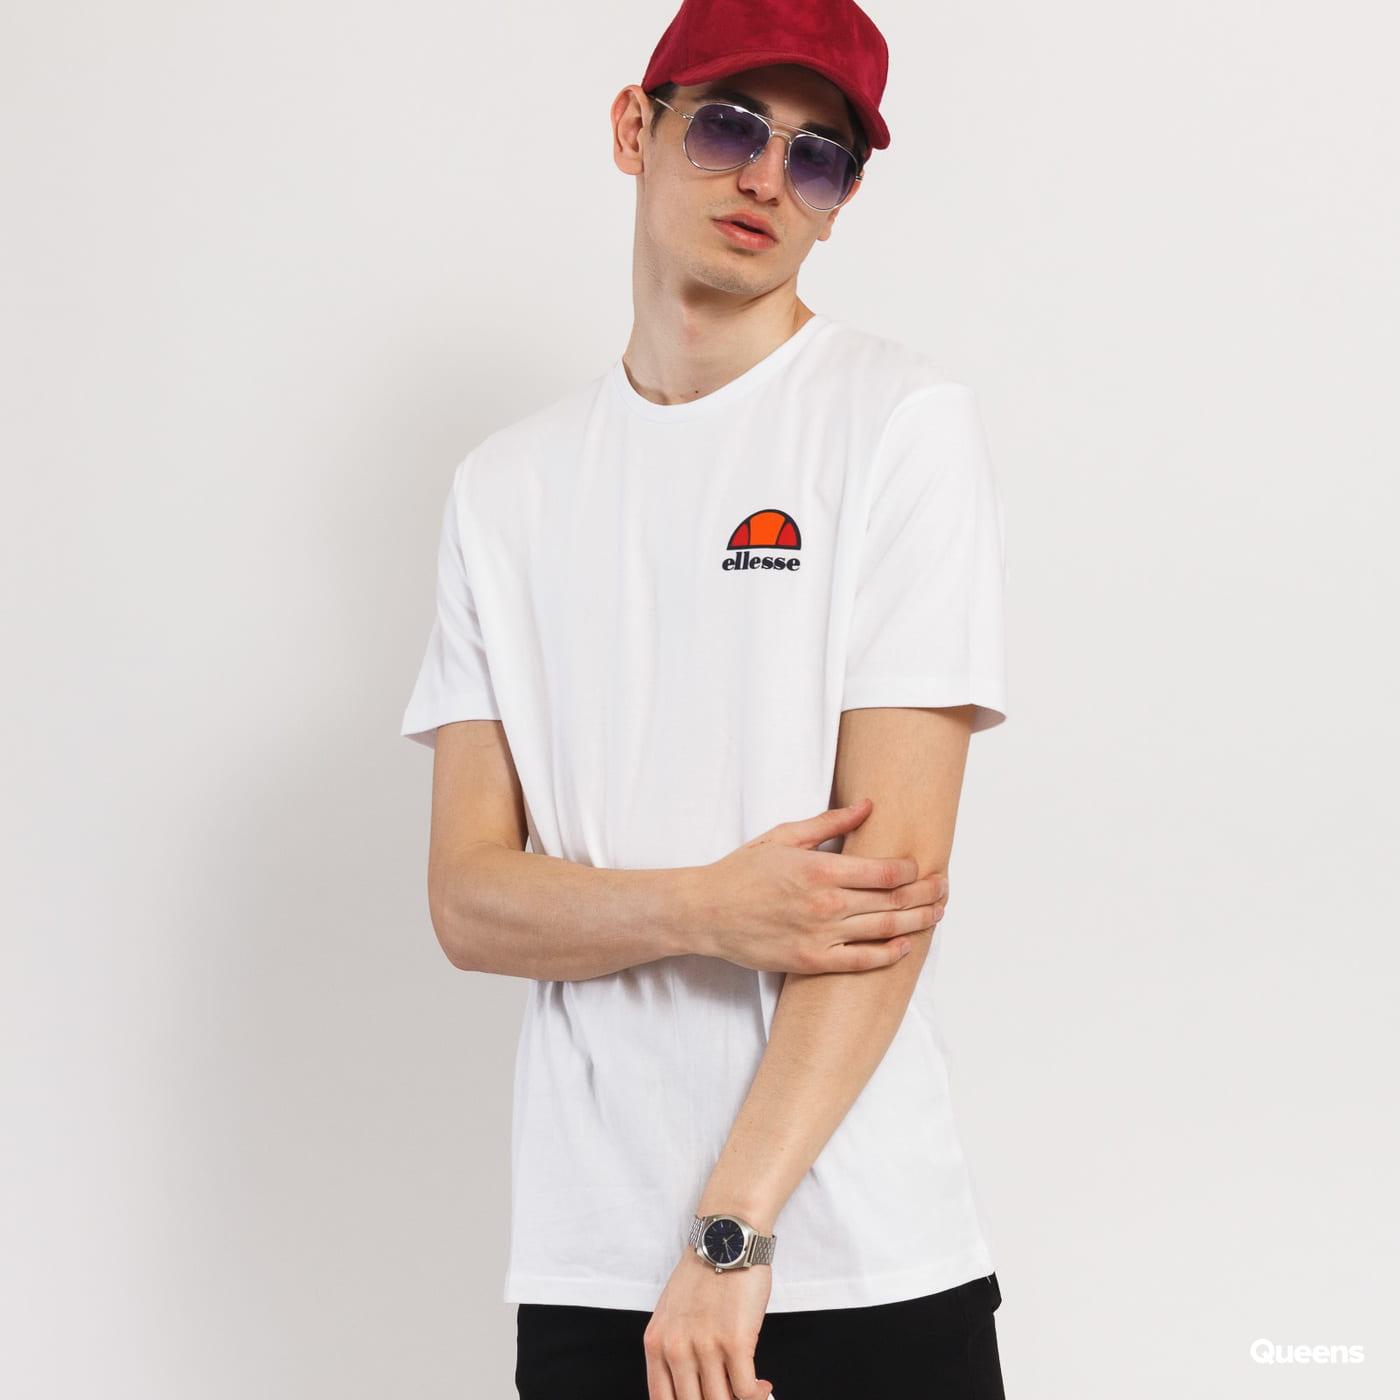 ellesse Canaletto T-shirt weiß